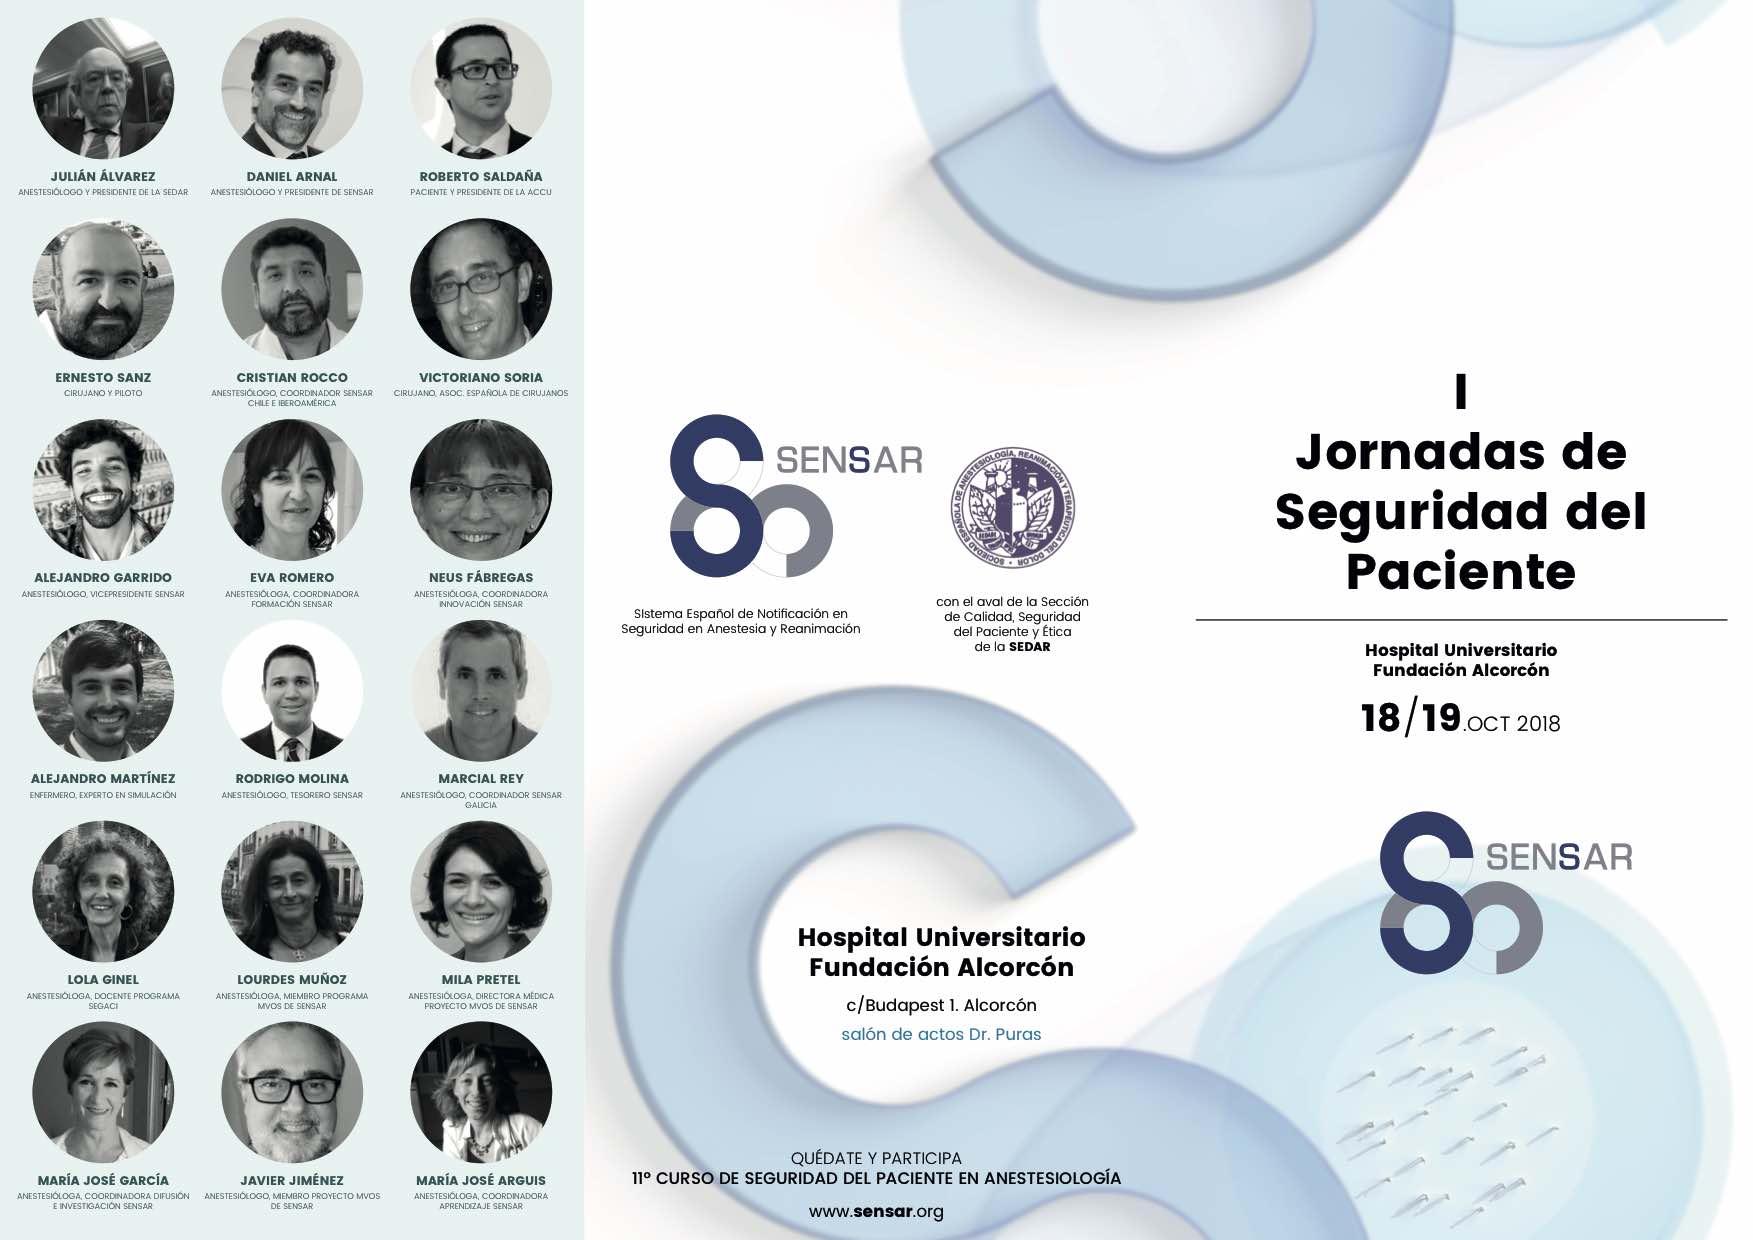 Disponible el programa definitivo de las I Jornadas de Seguridad del Paciente SENSAR